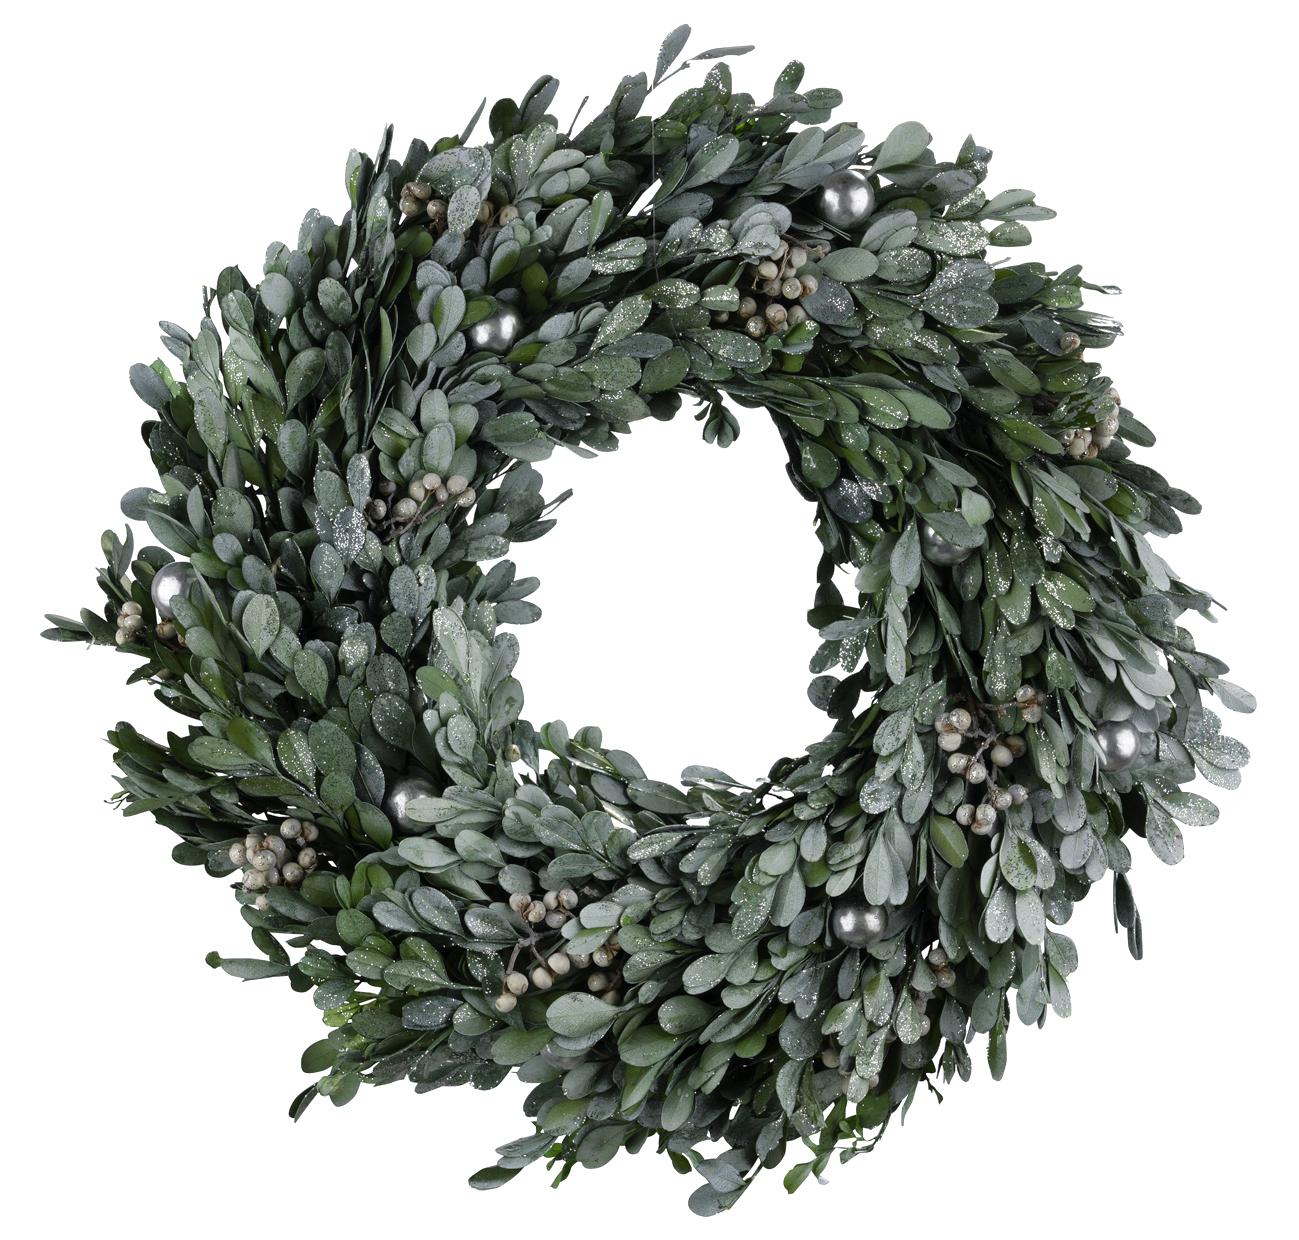 Grüner Natur Türkranz, Fensterkranz oder Tischkranz als Adventskranz oder Weihnachtskranz